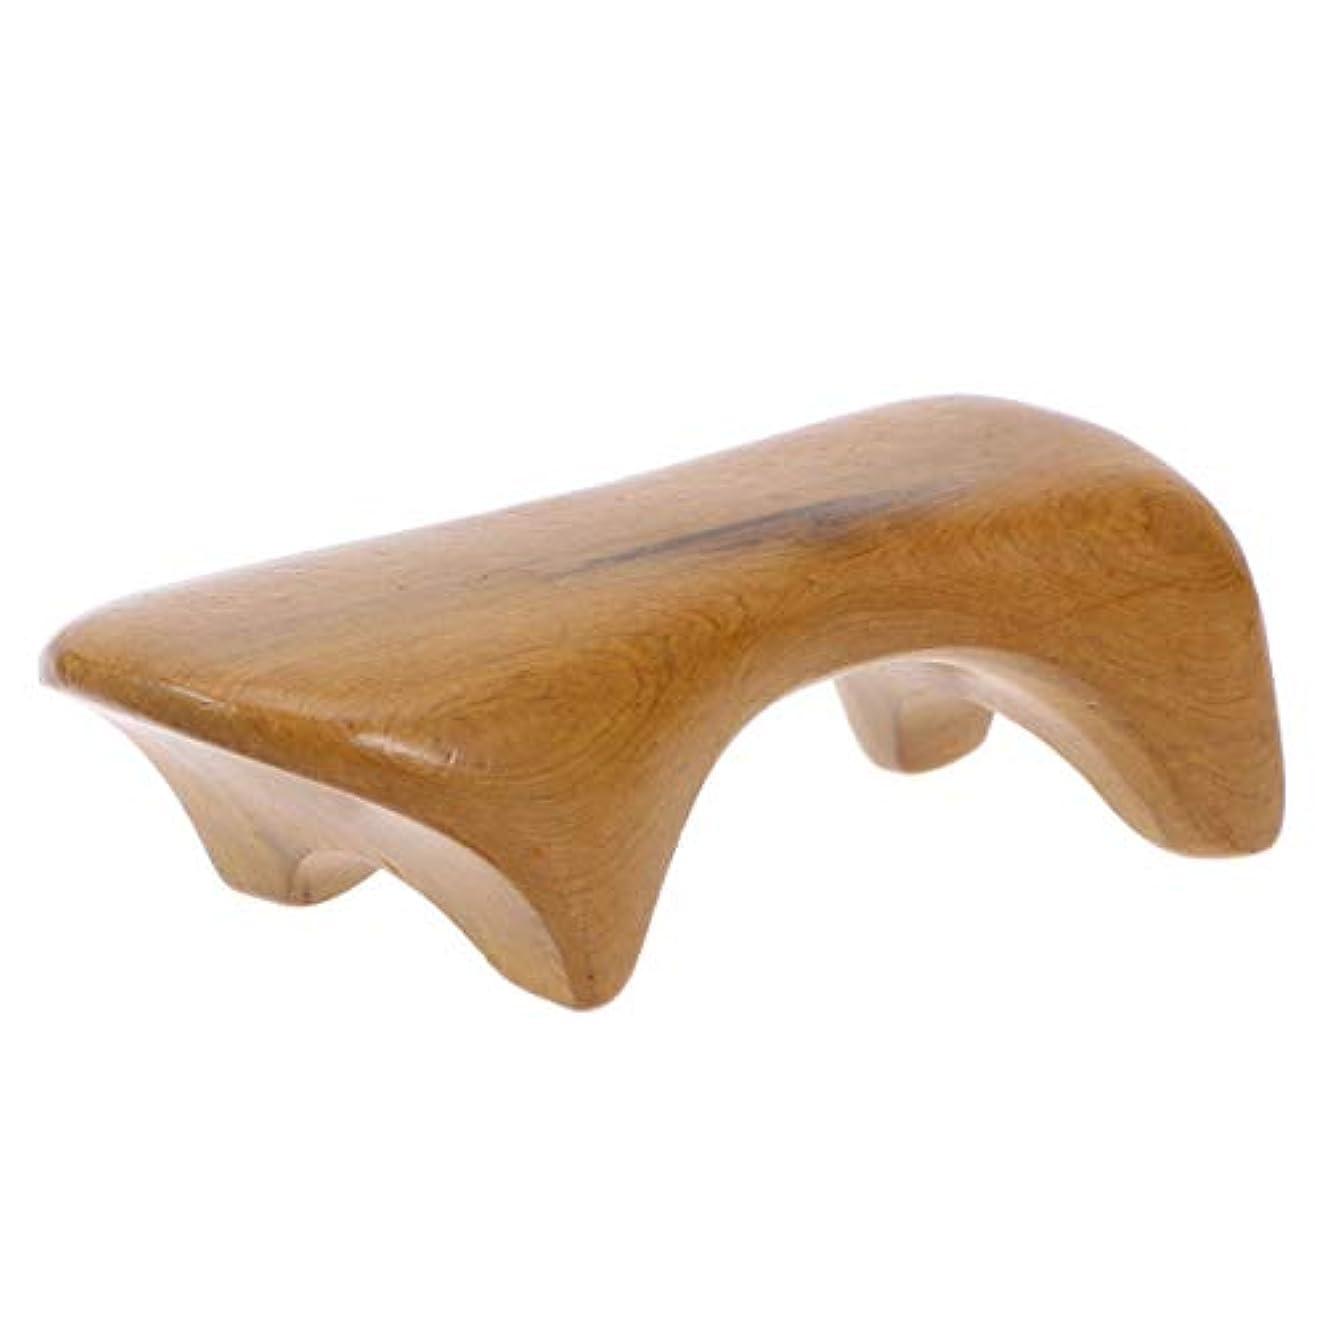 アルファベットヒロイックラオス人完全木製のための木の背部マッサージャーの手持ち型のBadyのマッサージャーの多機能のマッサージャー